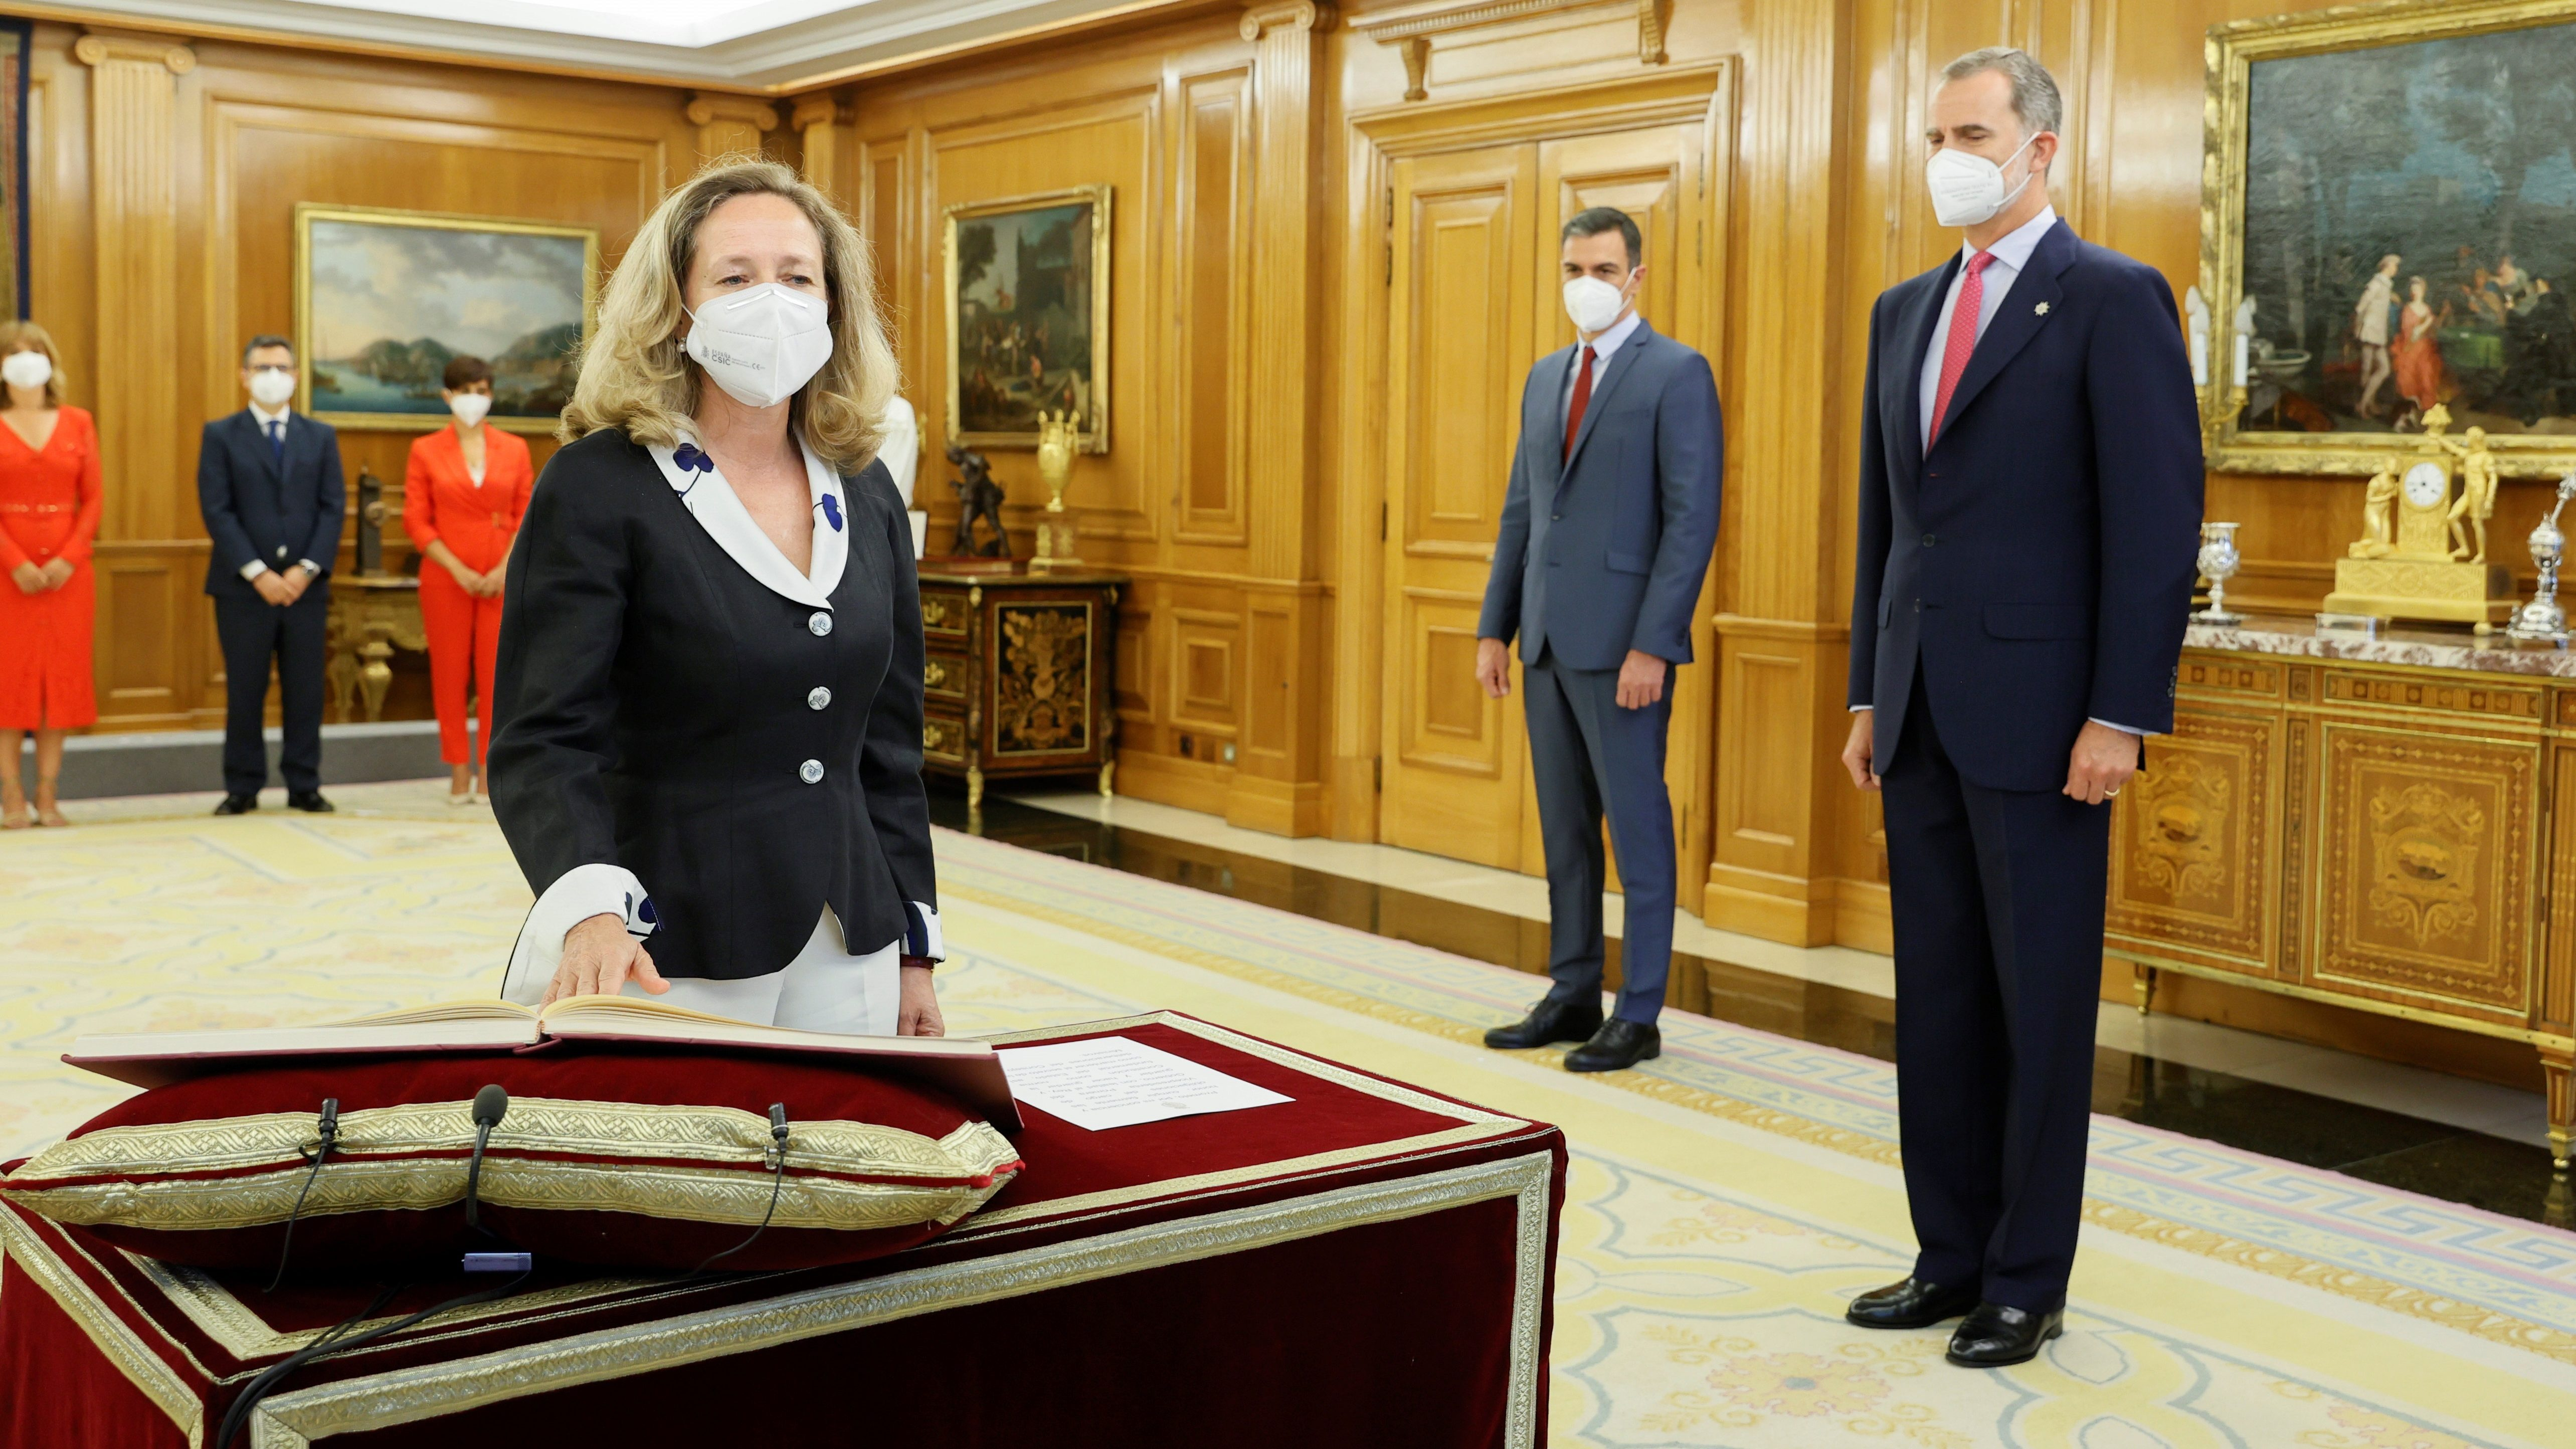 El Rey y el presidente del Ejecutivo, Pedro Sánchez, observan a la vicepresidenta primera y ministra de Asuntos Económicos y Transformación Digital, Nadia Calviño, durante la toma de posesión. EFE.